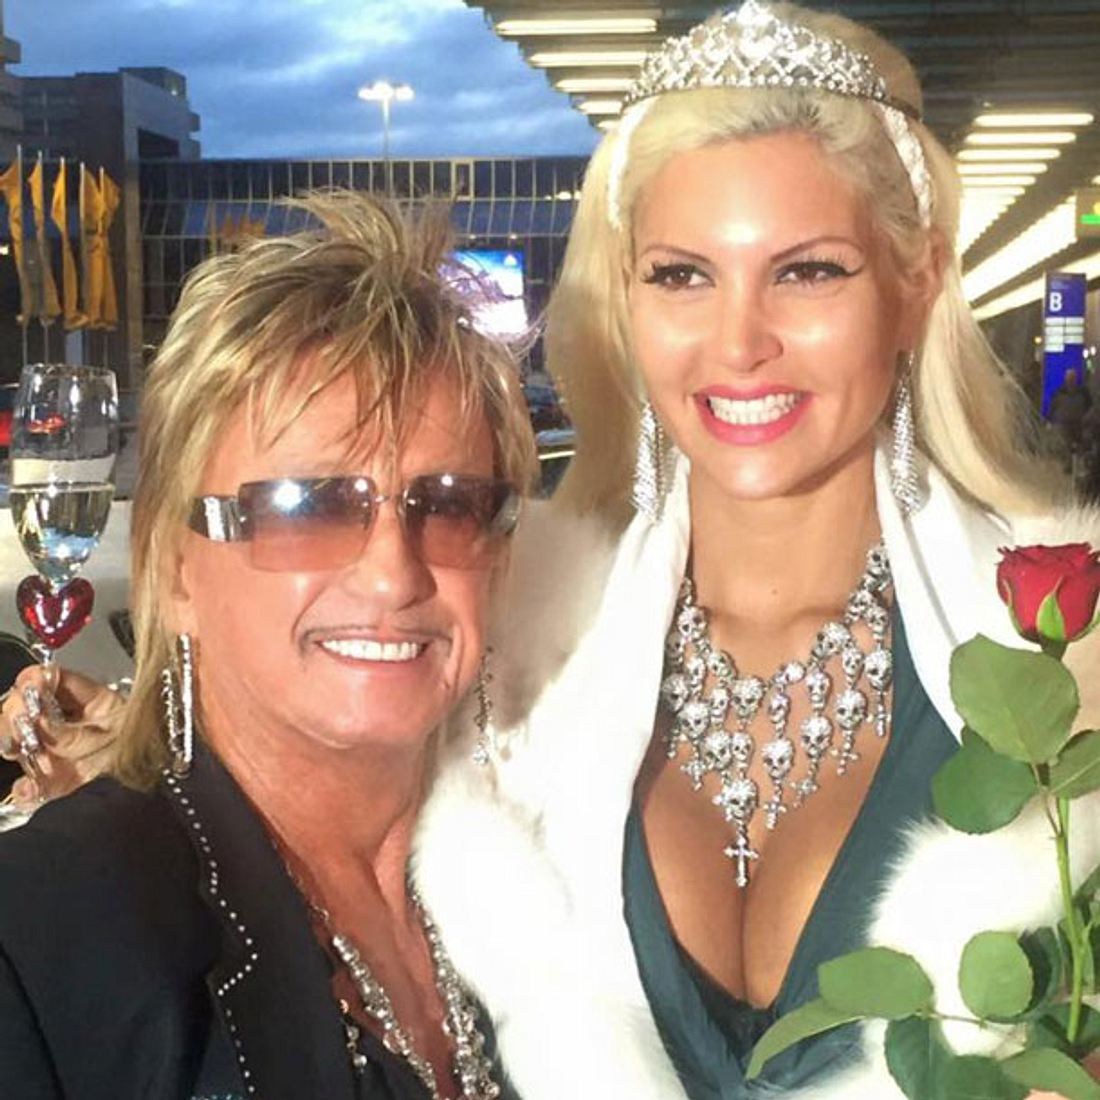 Sophia Wollersheim bekommt einen Prinzessinnen-Empfang